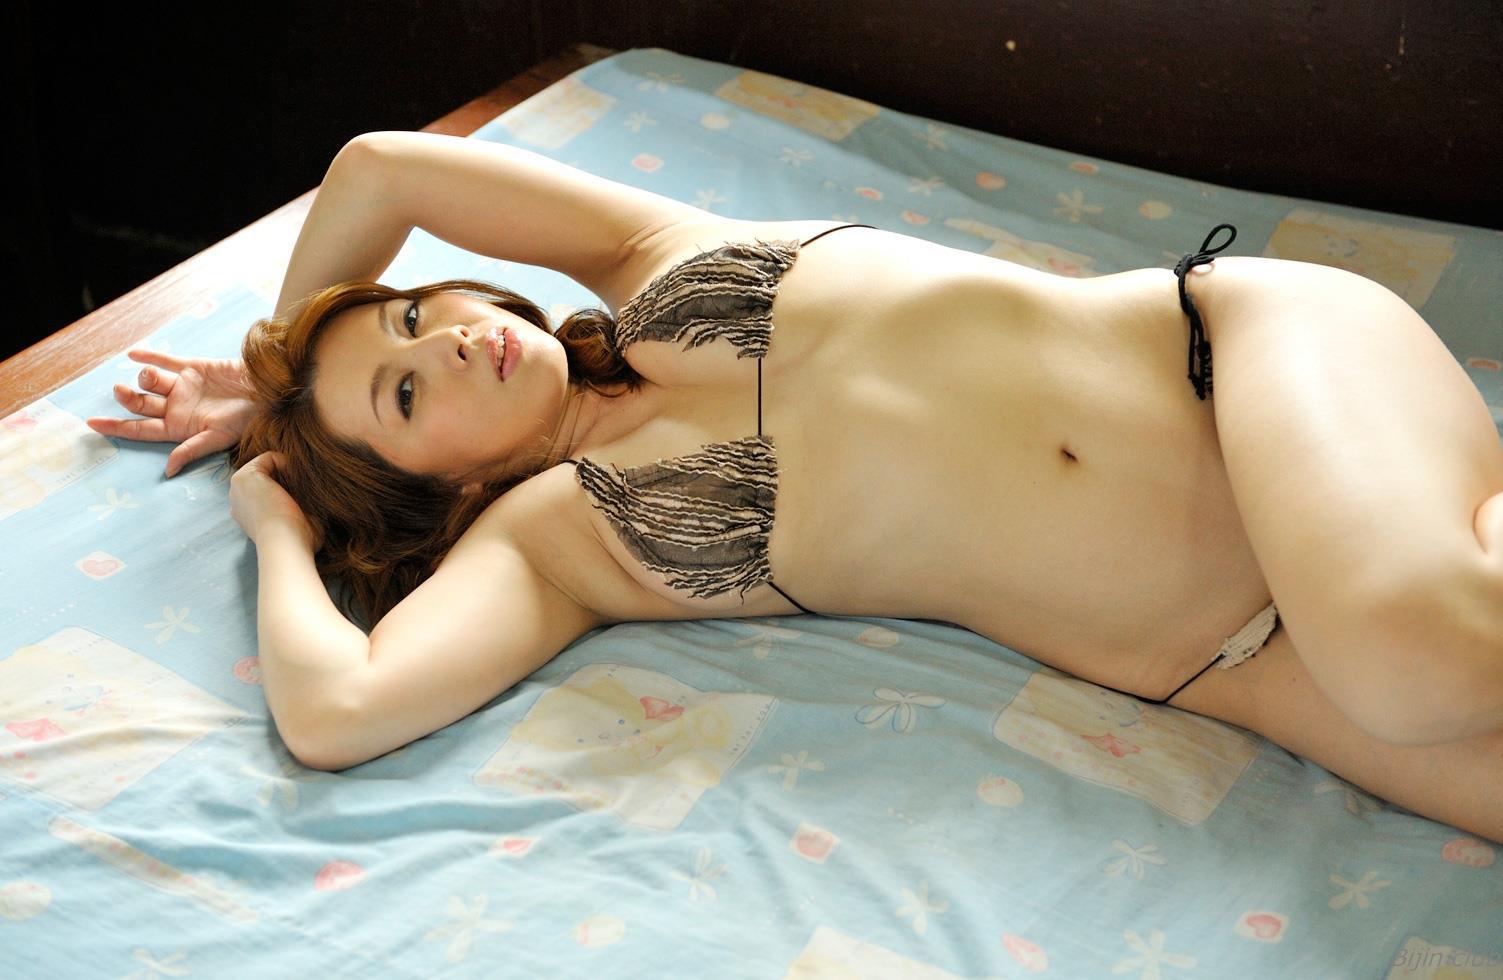 風間ゆみ Gカップ 美熟女性欲絶倫本気セックスなAV女優画像 140枚 No.119